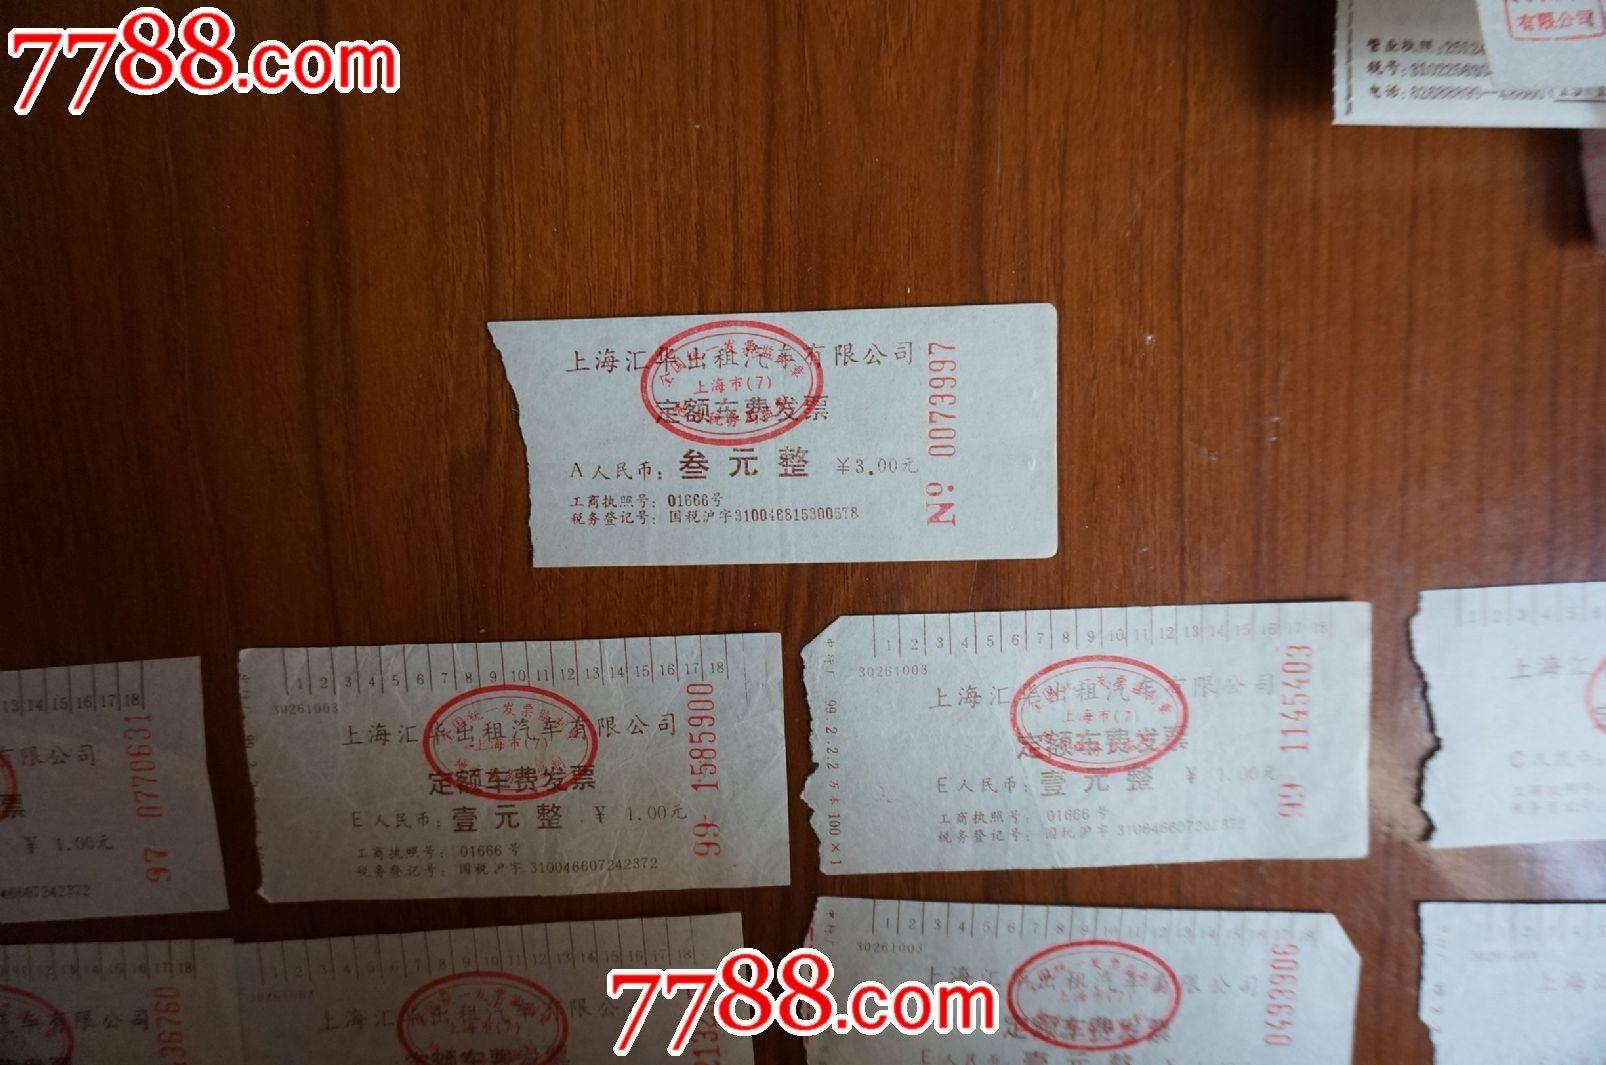 上海出租车票出租车手撕定额发票上海出租车发票